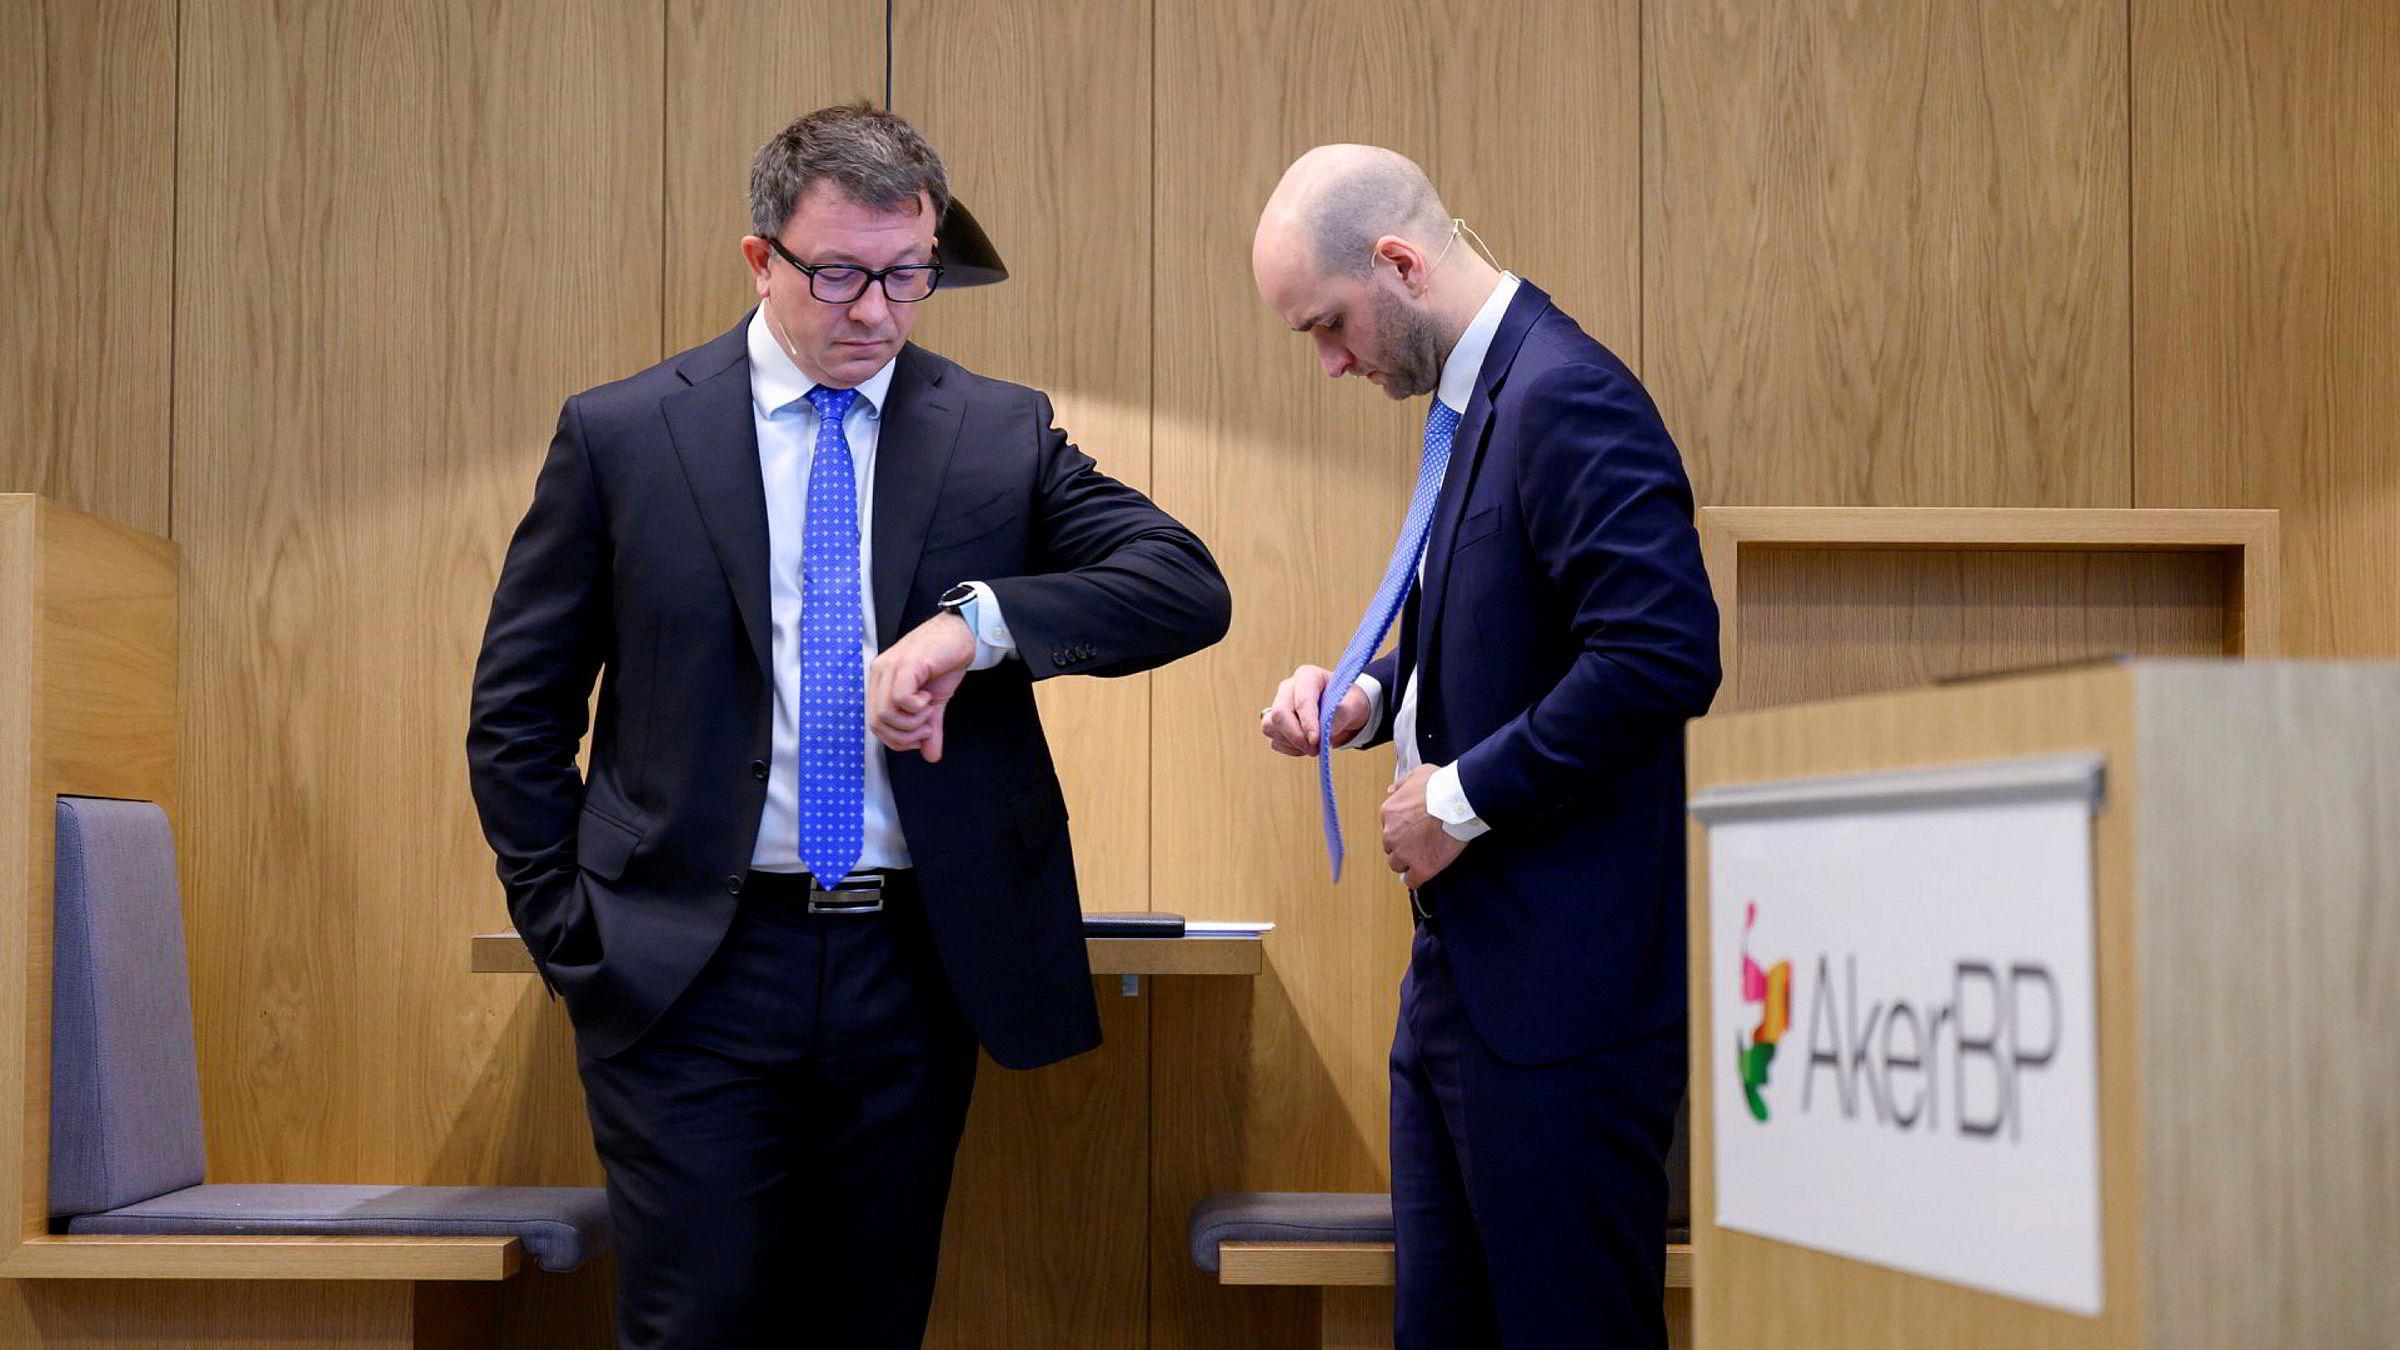 Administrerende direktør Karl Johnny Hersvik (til venstre) og finansdirektør David Torvik Tønne i Aker BP.